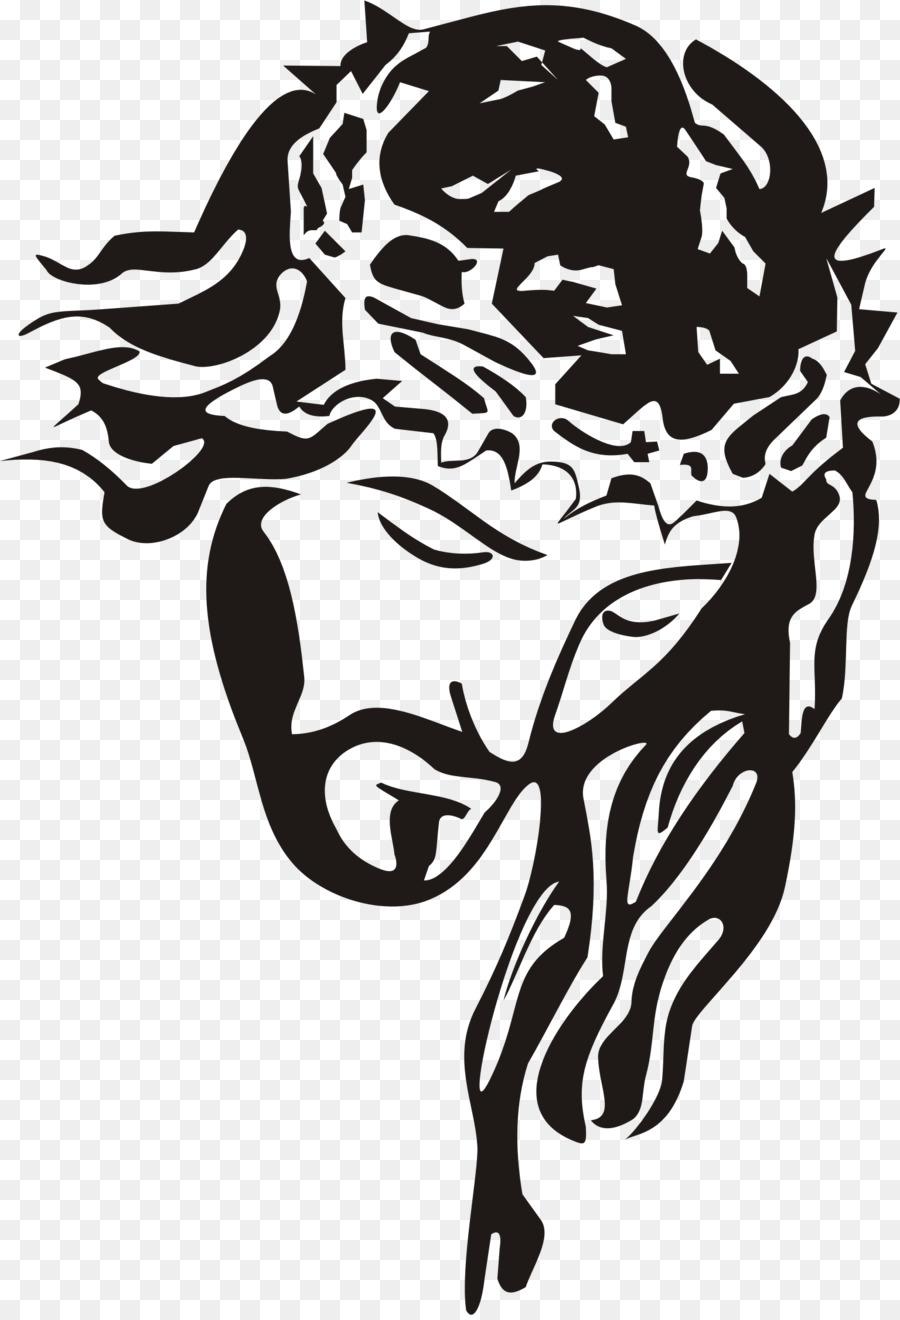 Descarga gratuita de Plantilla, Royaltyfree, Representación De Jesús Imágen de Png